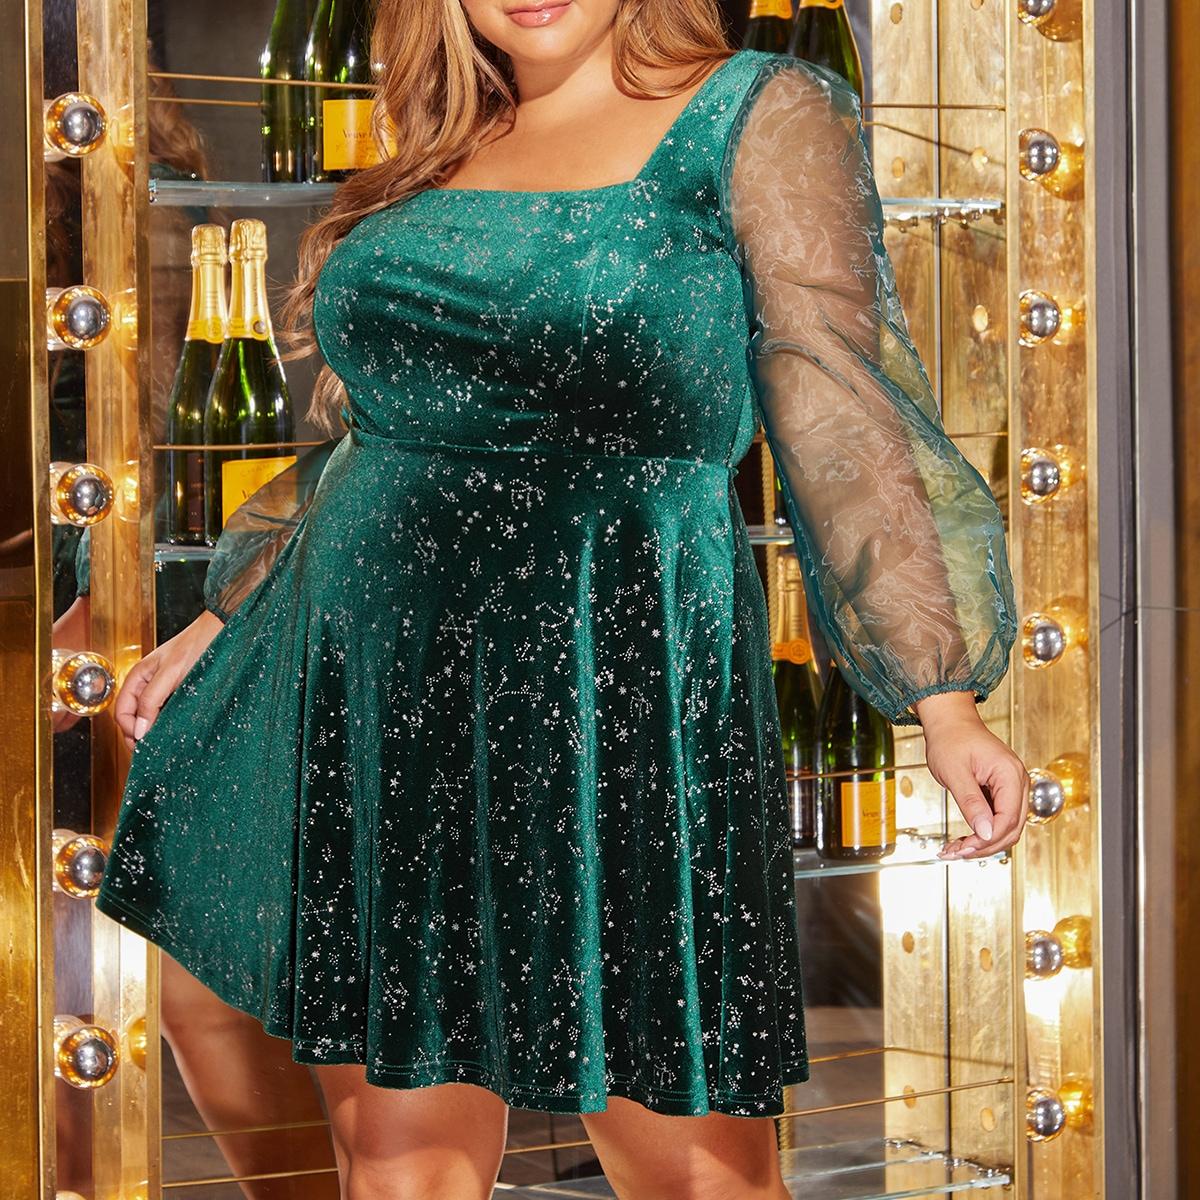 Бархатное платье размера плюс с сетчатыми рукавами фонариками